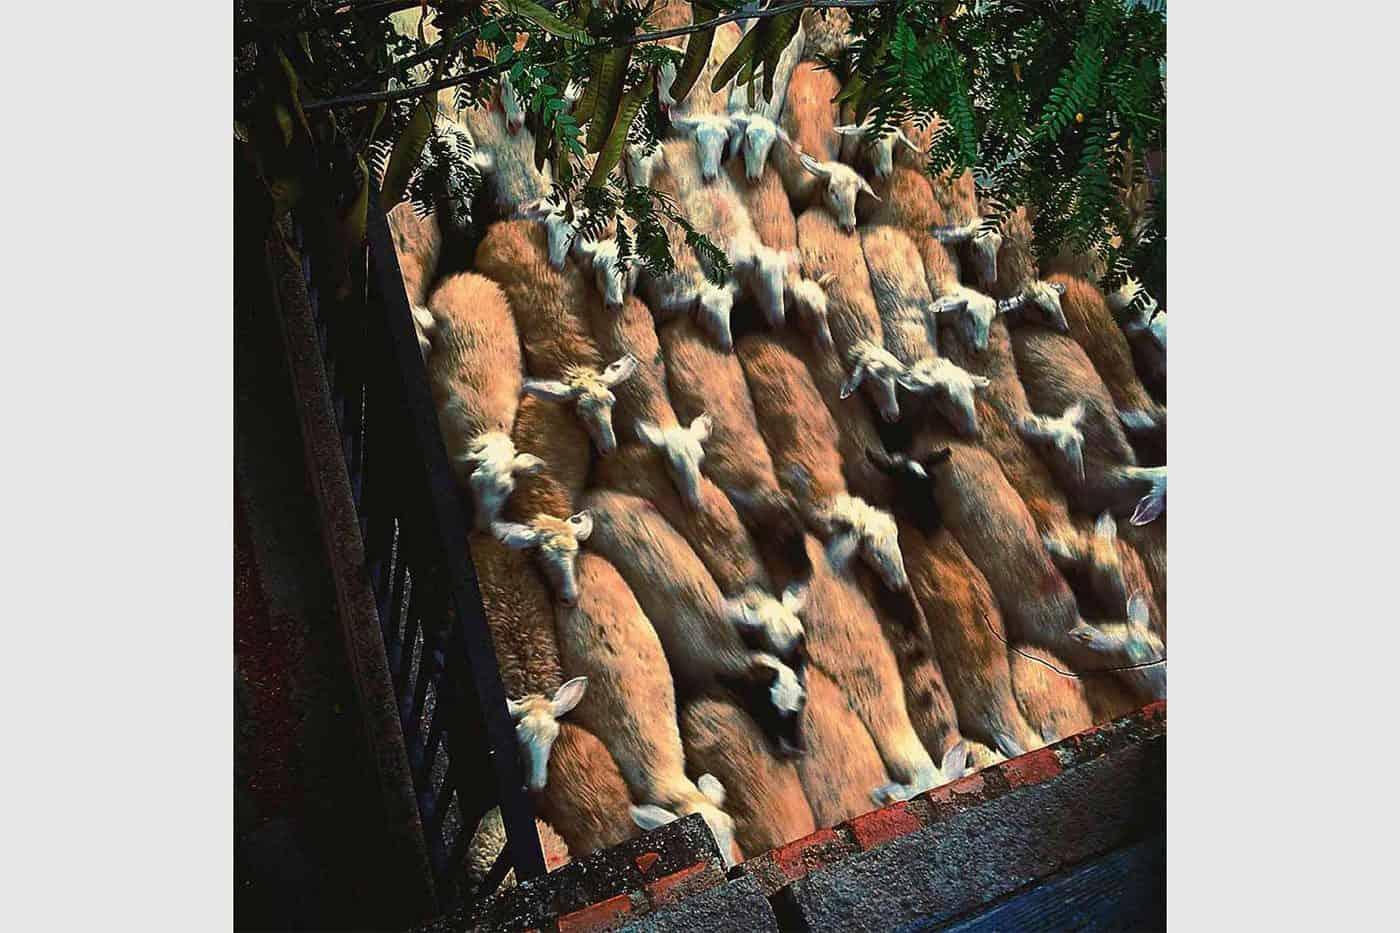 Trabajando desde el balcón de la casa. Pobla de Segur, España. Francesca Franceschi.